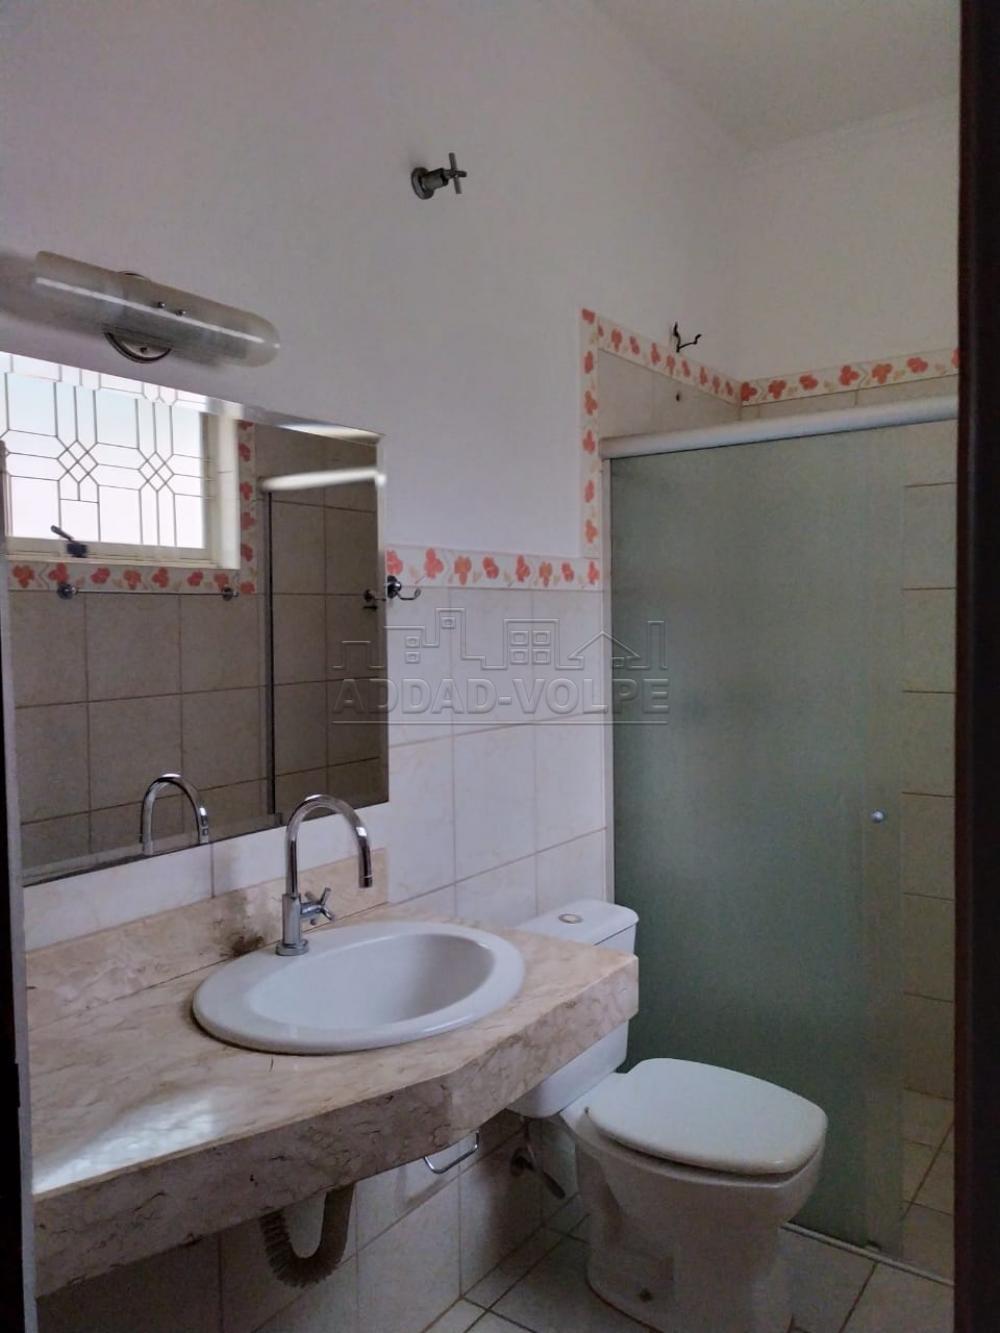 Comprar Casa / Padrão em Bauru apenas R$ 260.000,00 - Foto 6